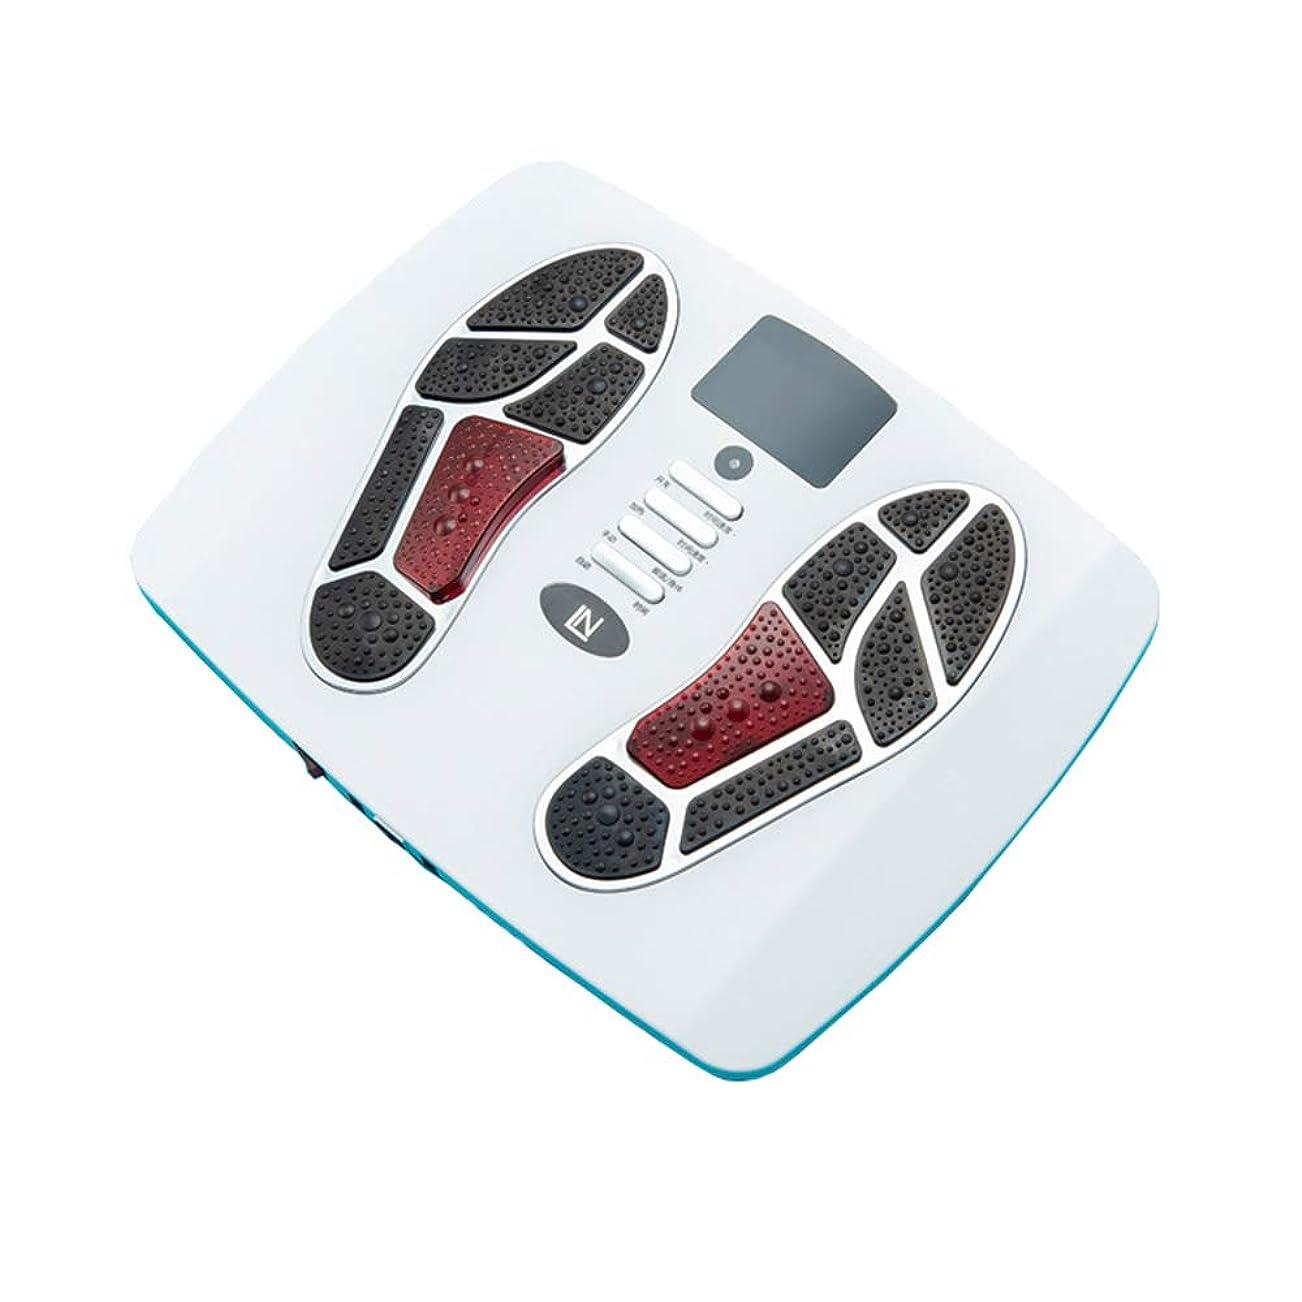 記念碑的なフリルリビングルーム電気フットマッサージャー25模擬マッサージ技術、フルフットマッサージ体験のためのワイヤレスリモート調整、リラックス疲れて痛む足, White